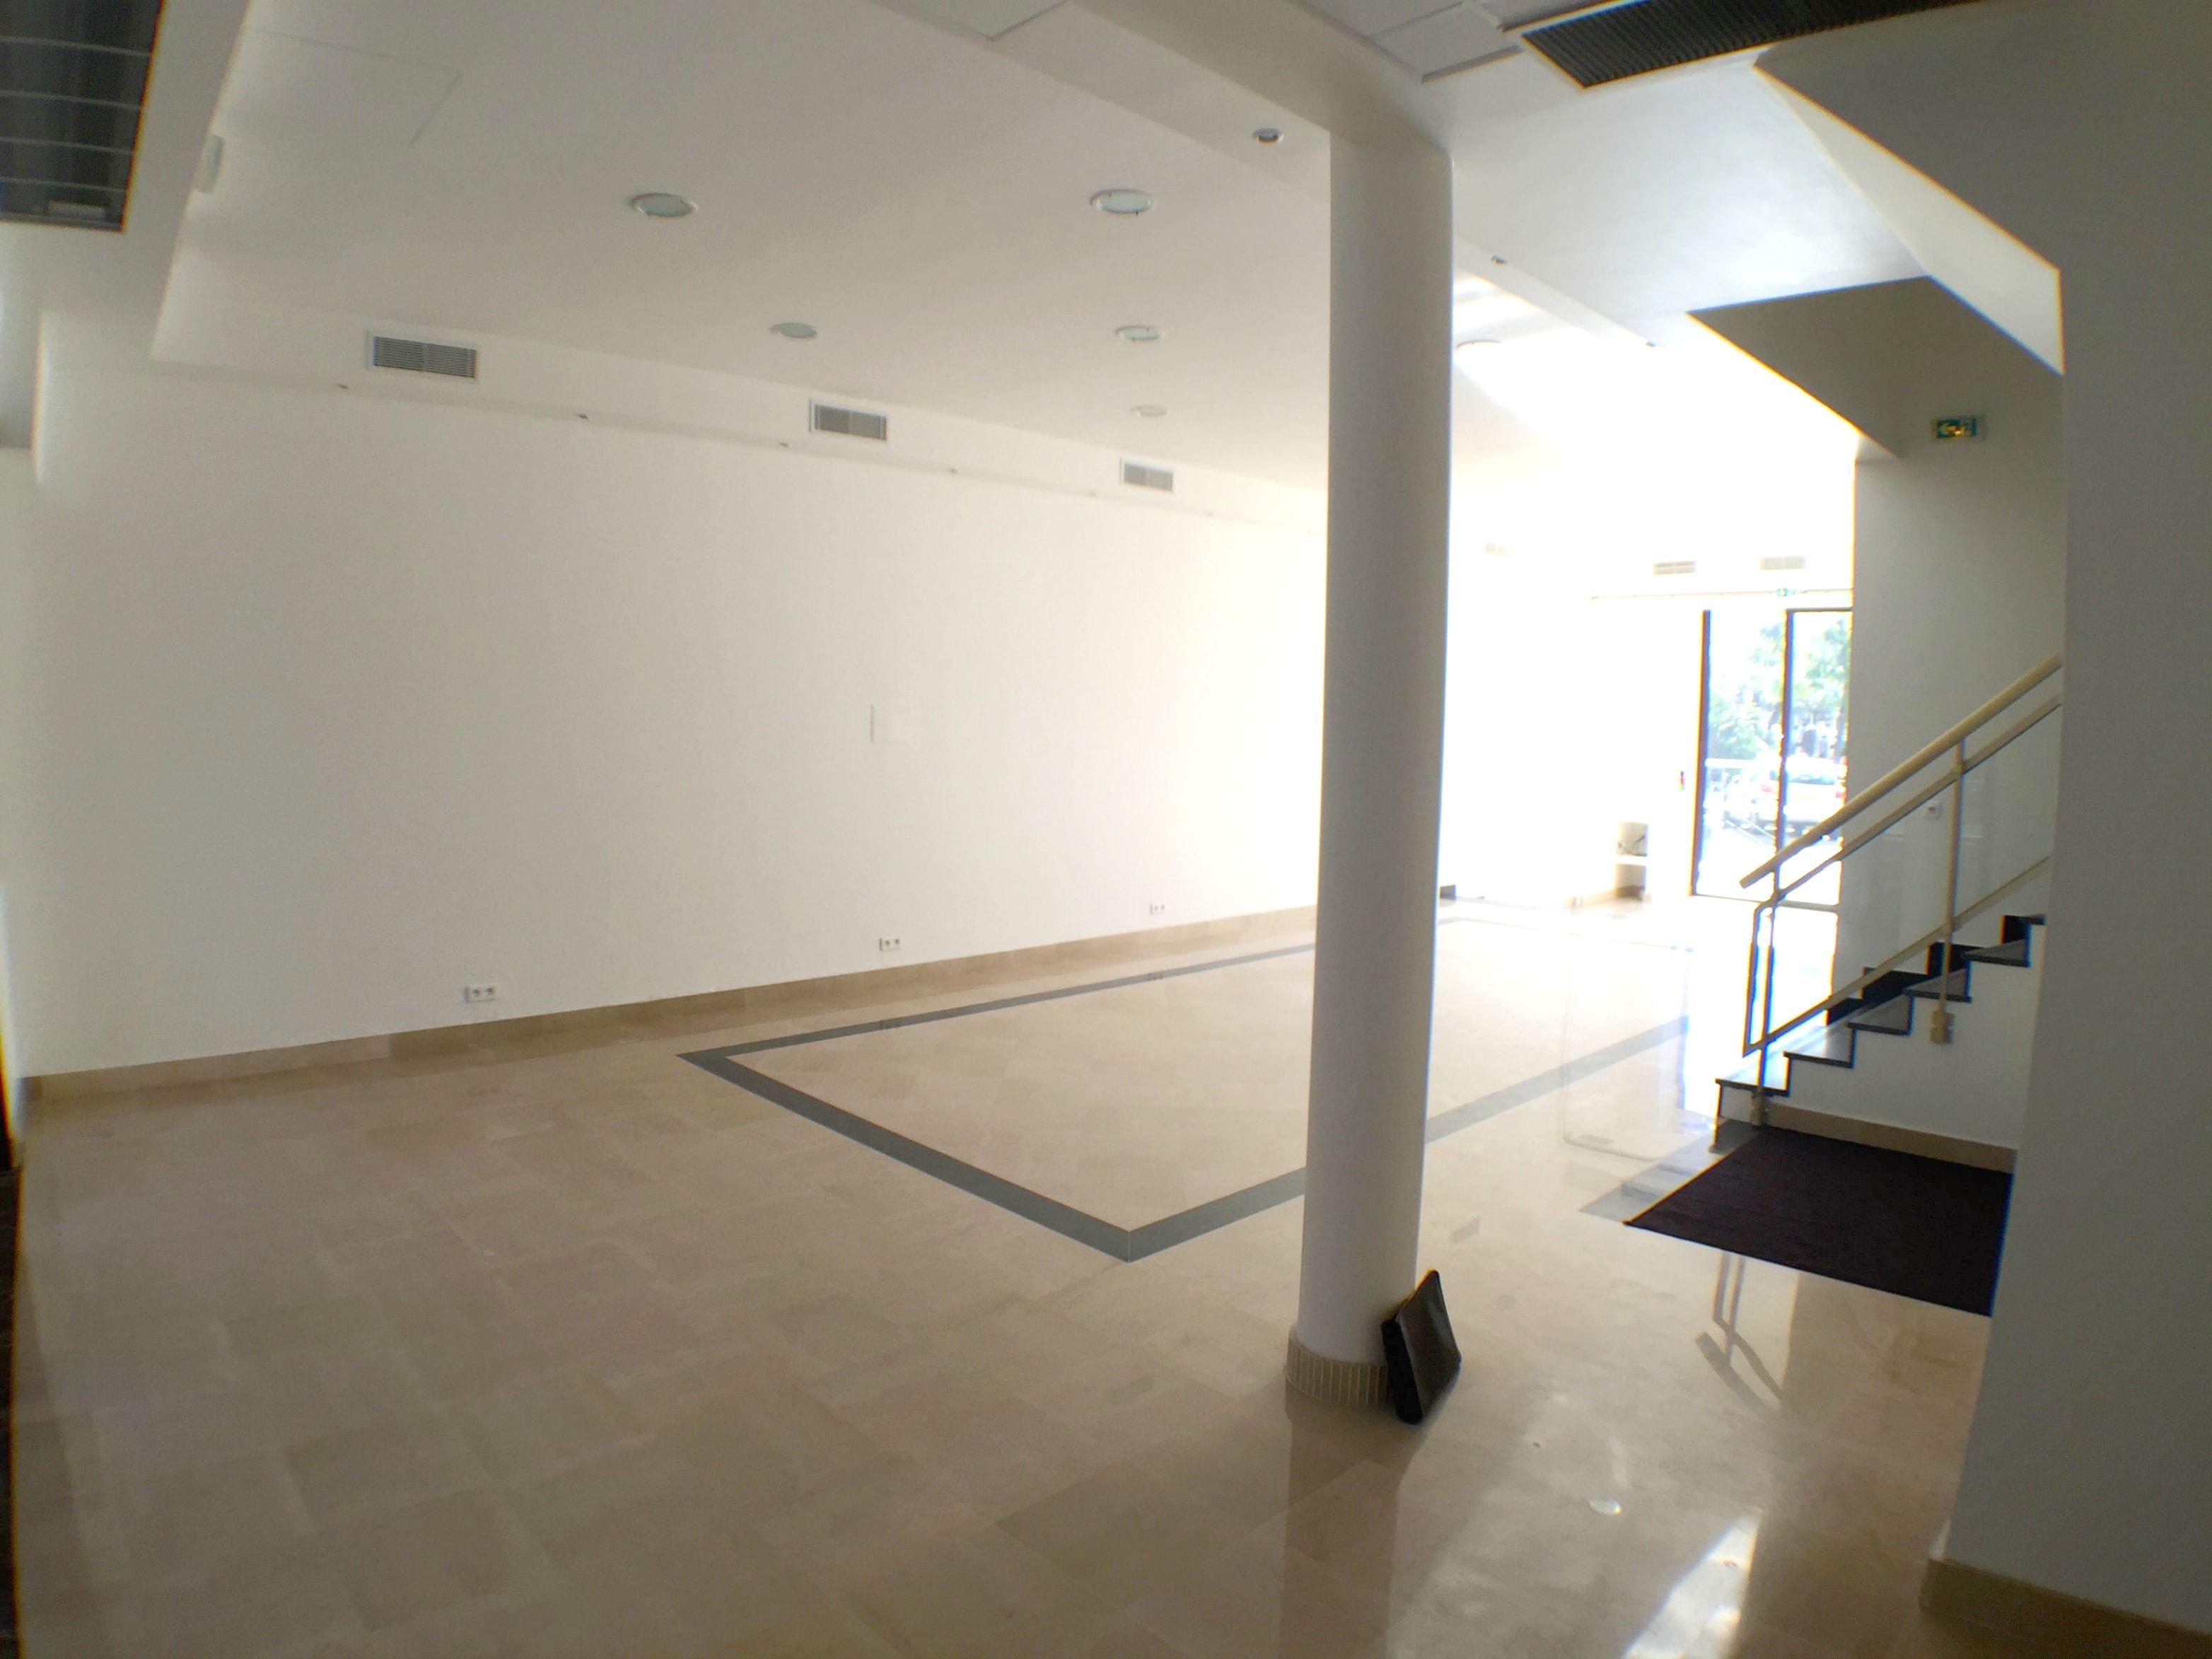 290 m2 venue space opposite the Palais des Festivals